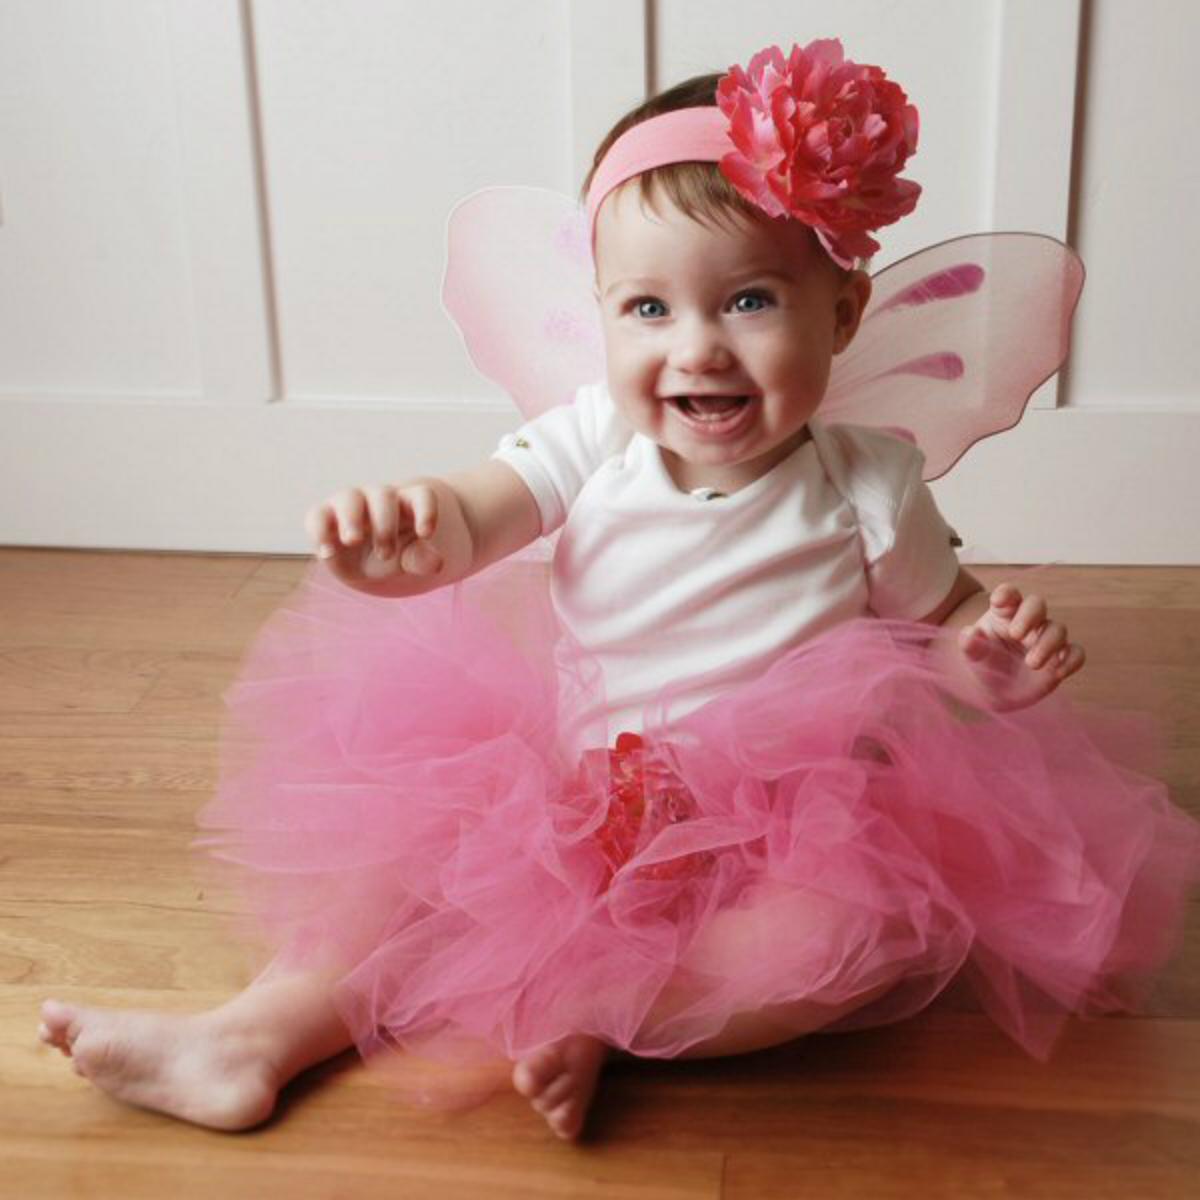 baby-girl-easter-dress-pink-tutu01